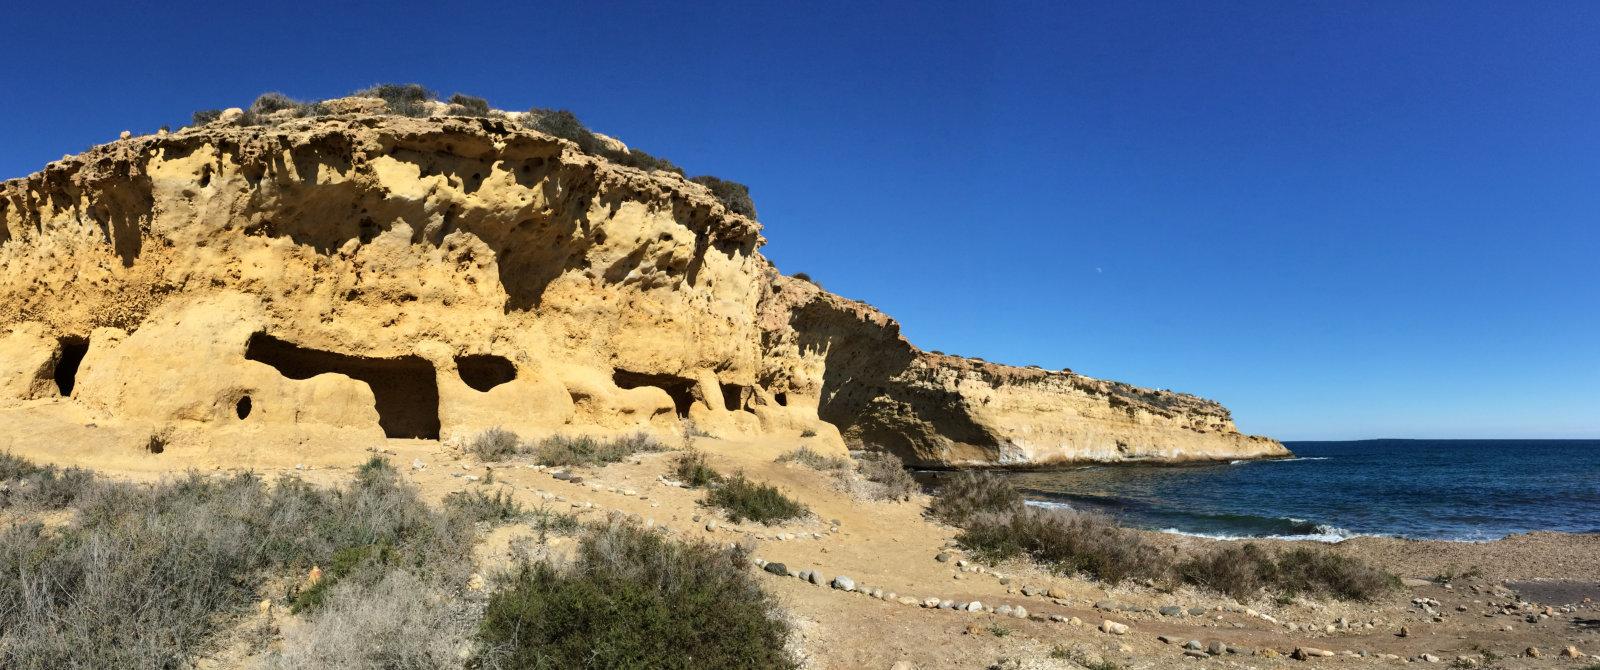 Le grotte scavate nella roccia di Cabo Cope